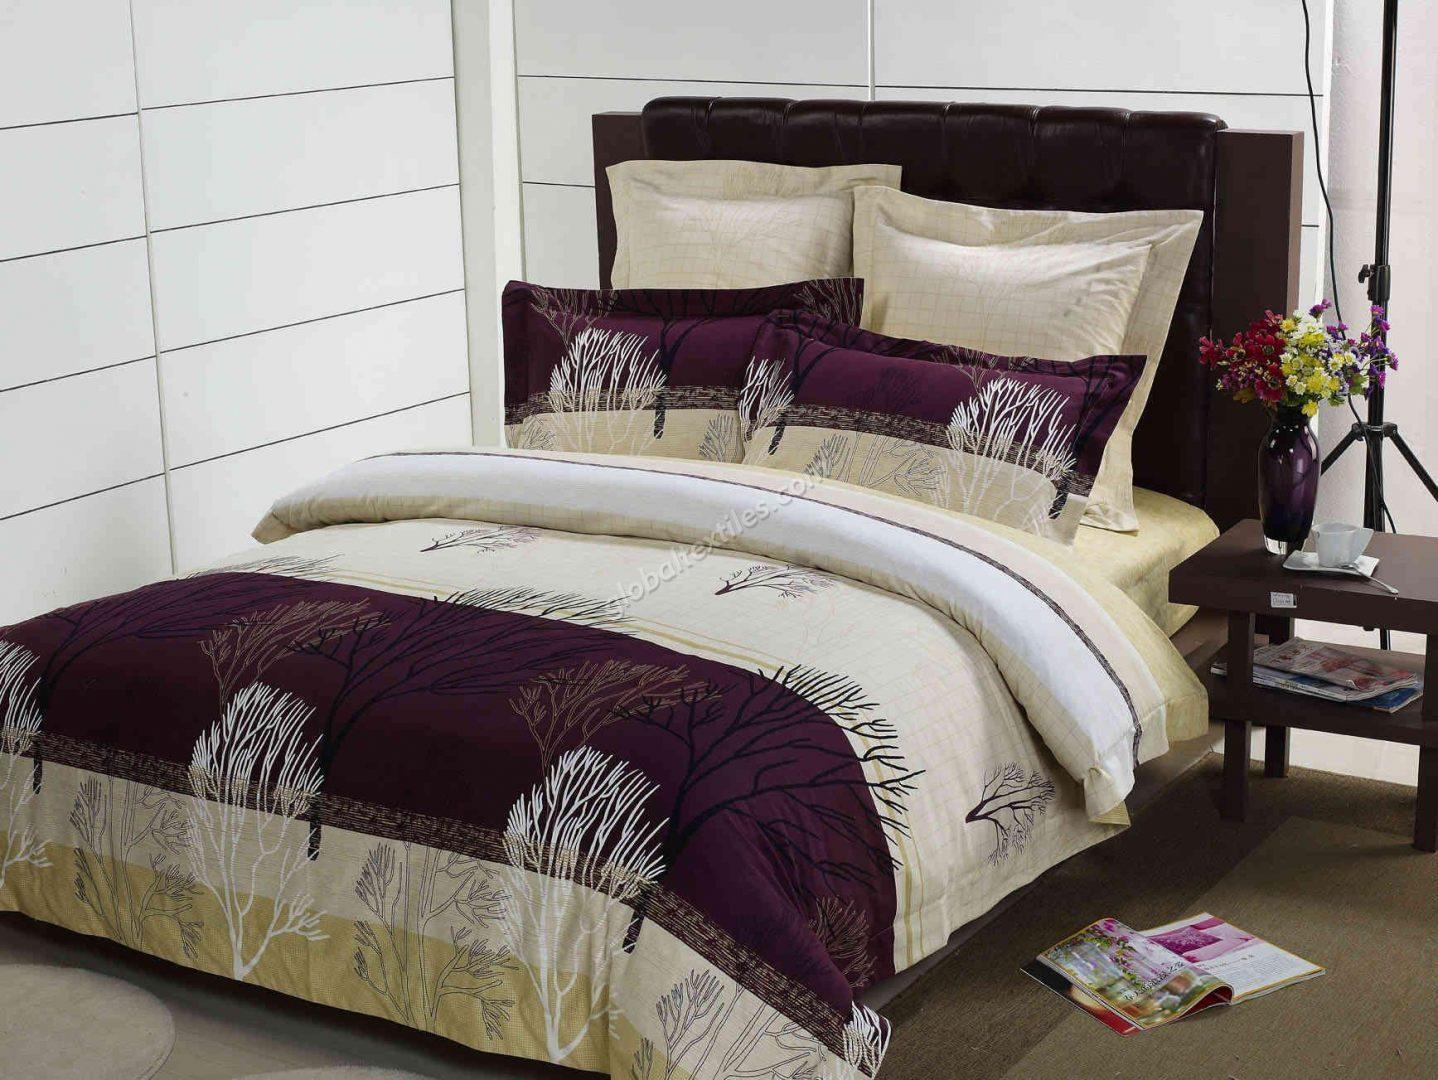 Juegos de cama gallery - Decoracion de camas ...